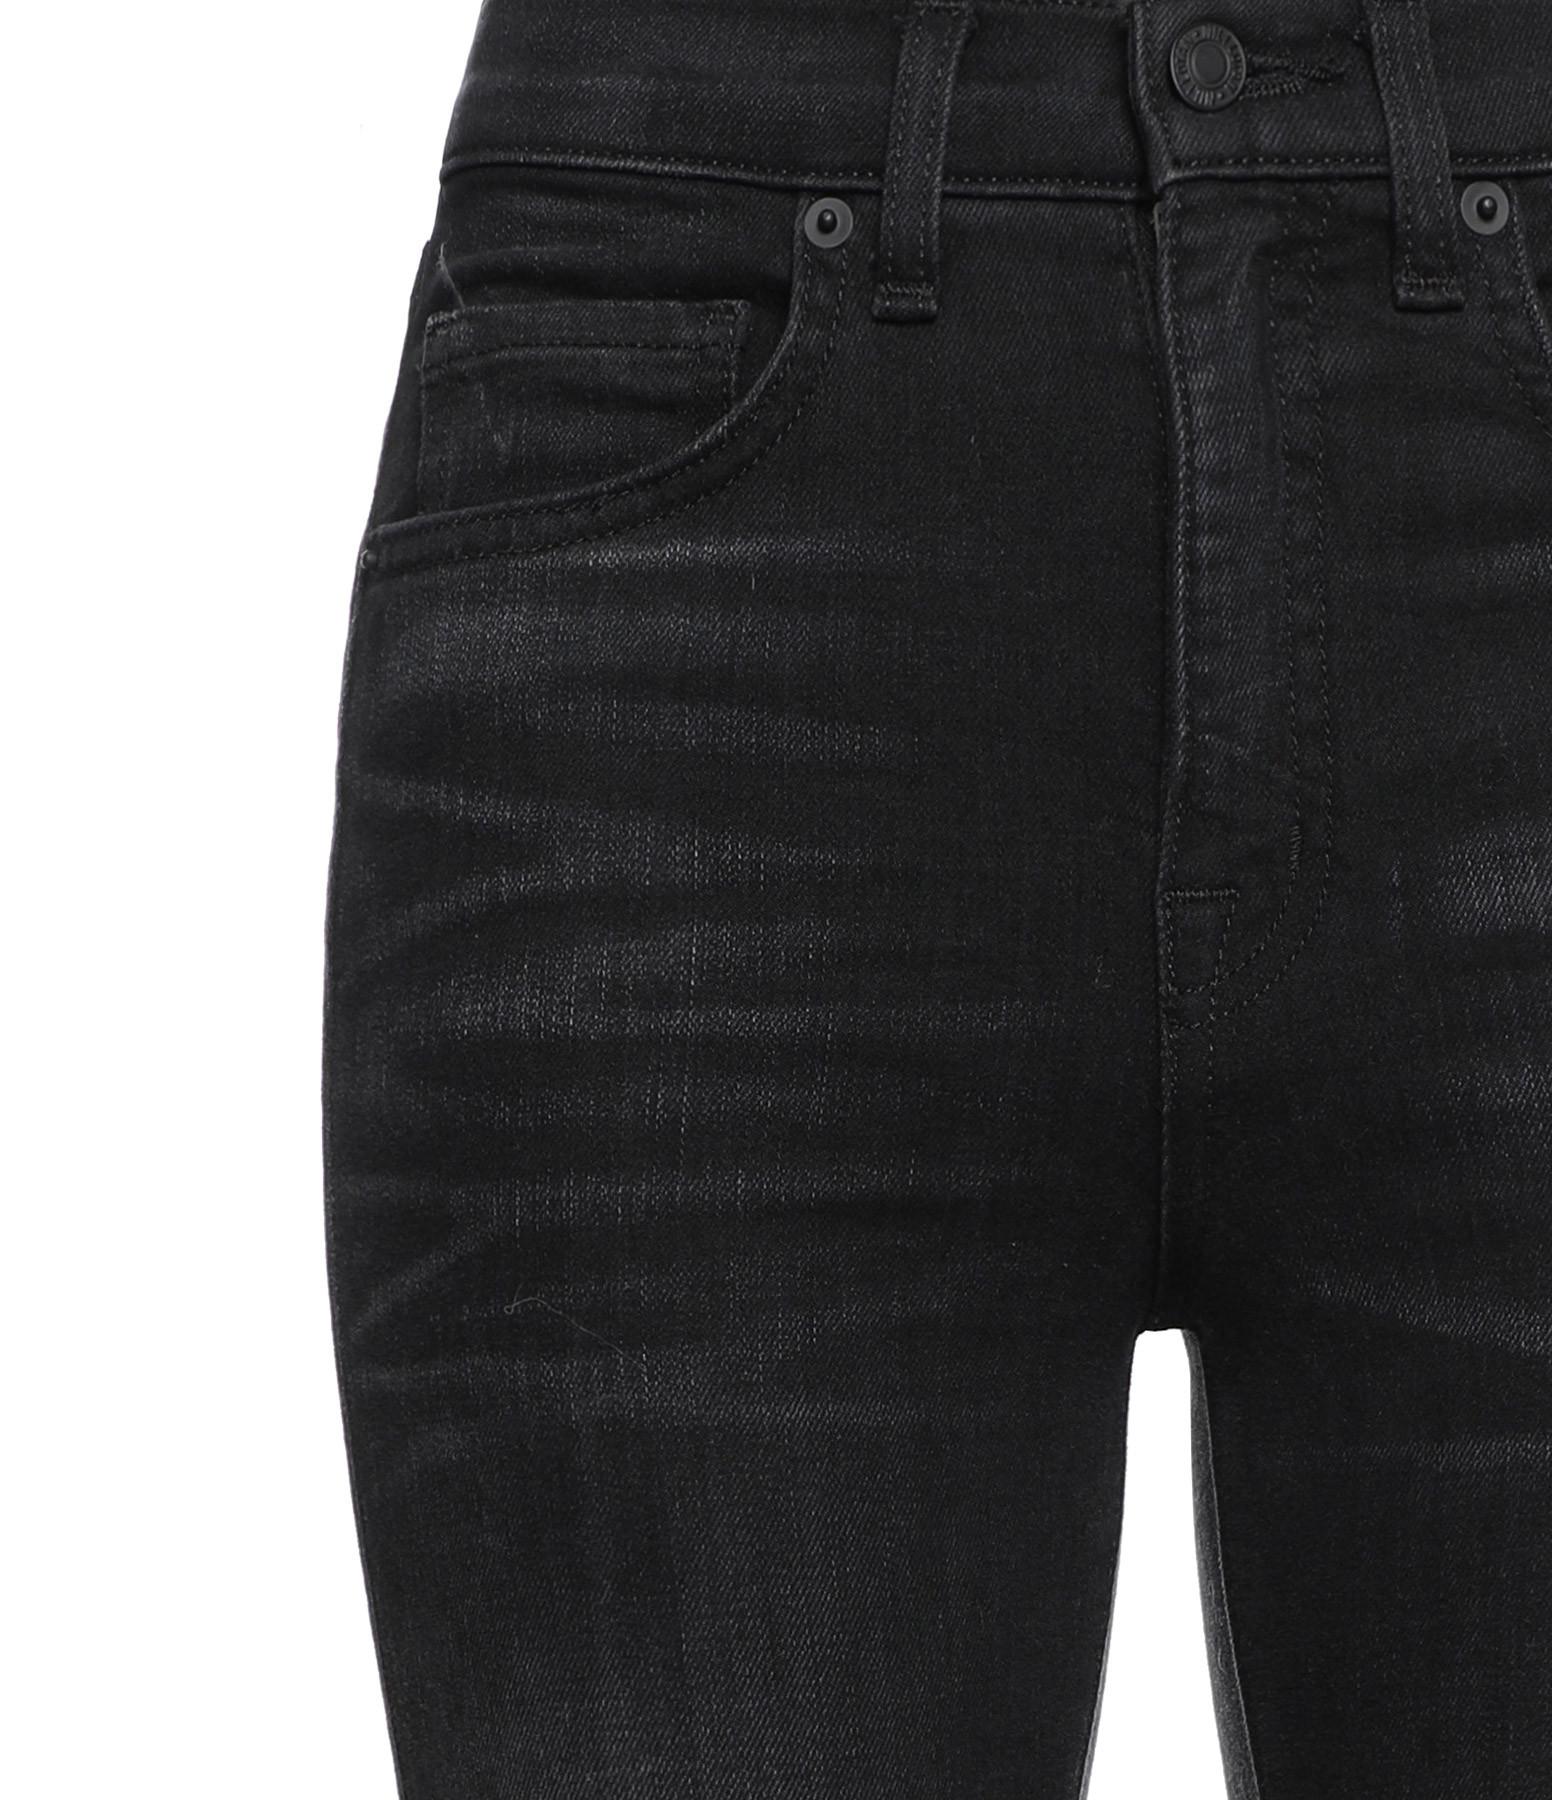 NILI LOTAN - Jean Taille Haute Coton Basalt Noir